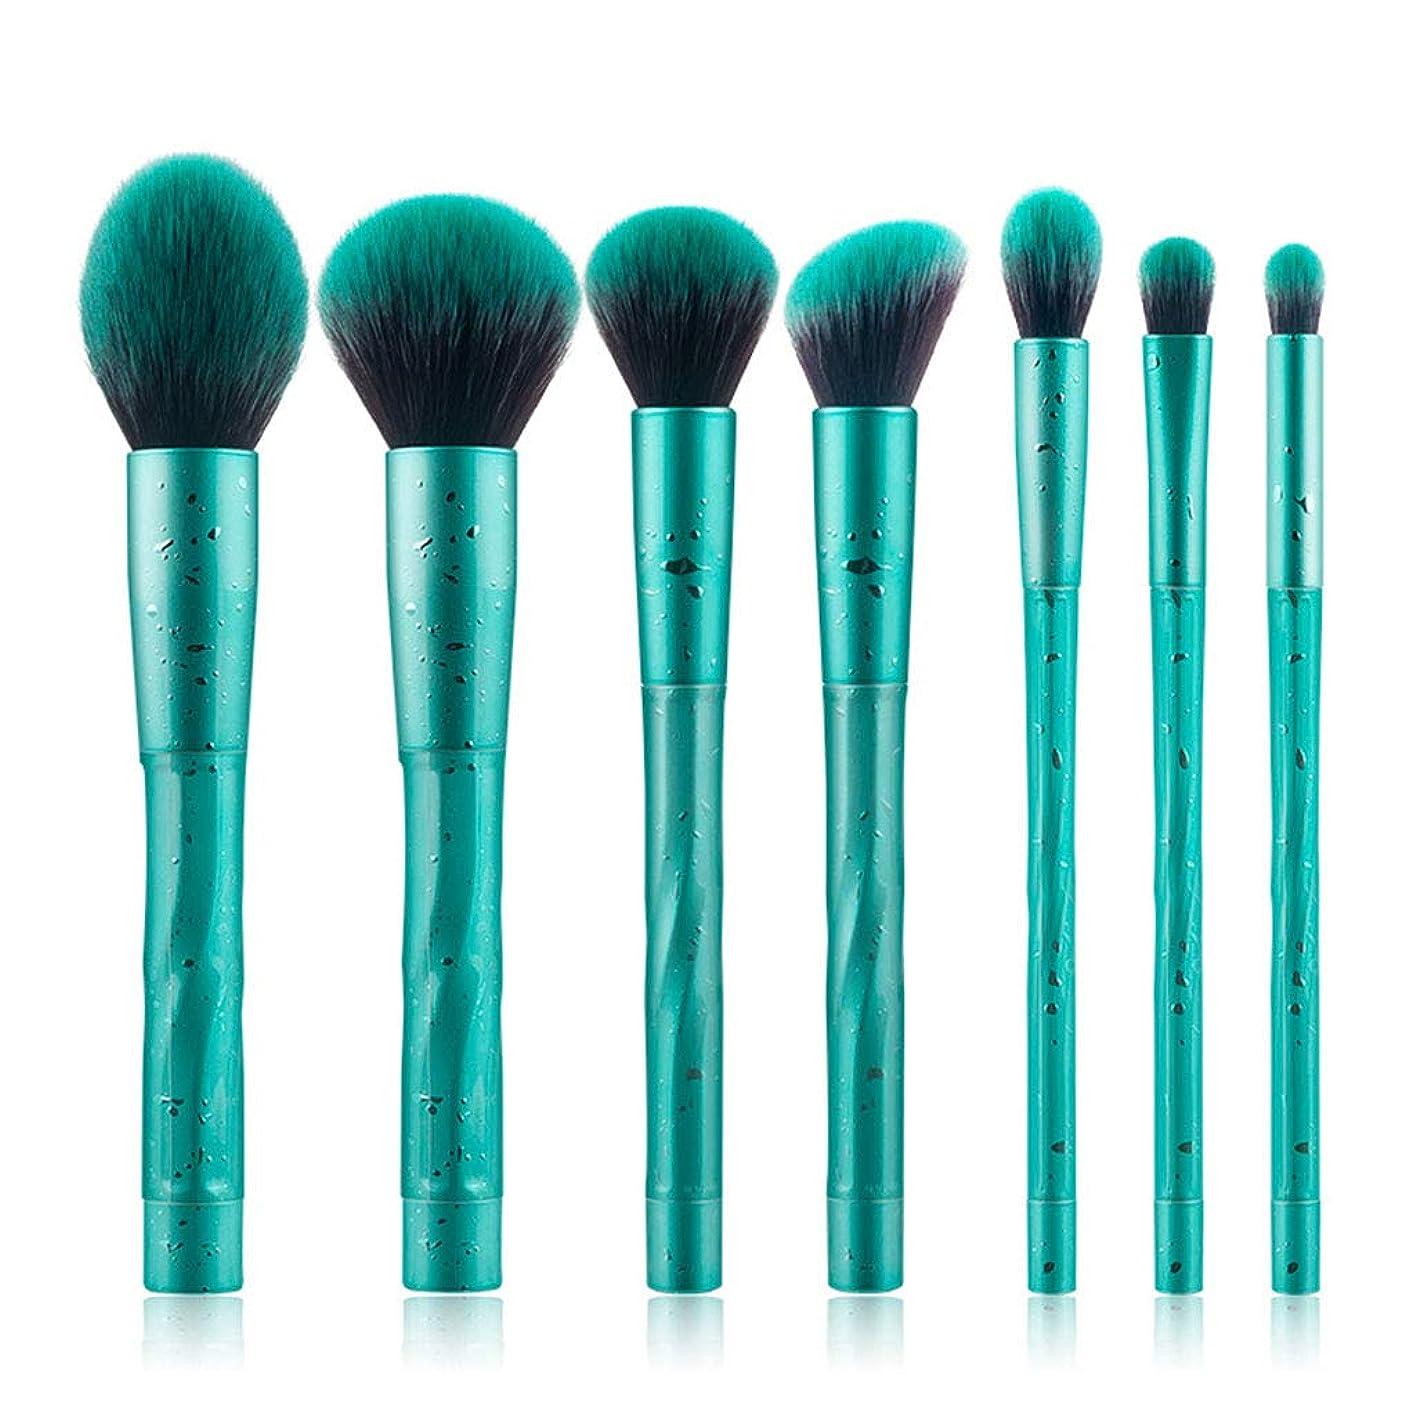 確率耐えられる下る5化粧ブラシアイシャドーブラッシュ美容ブラシ初心者セット